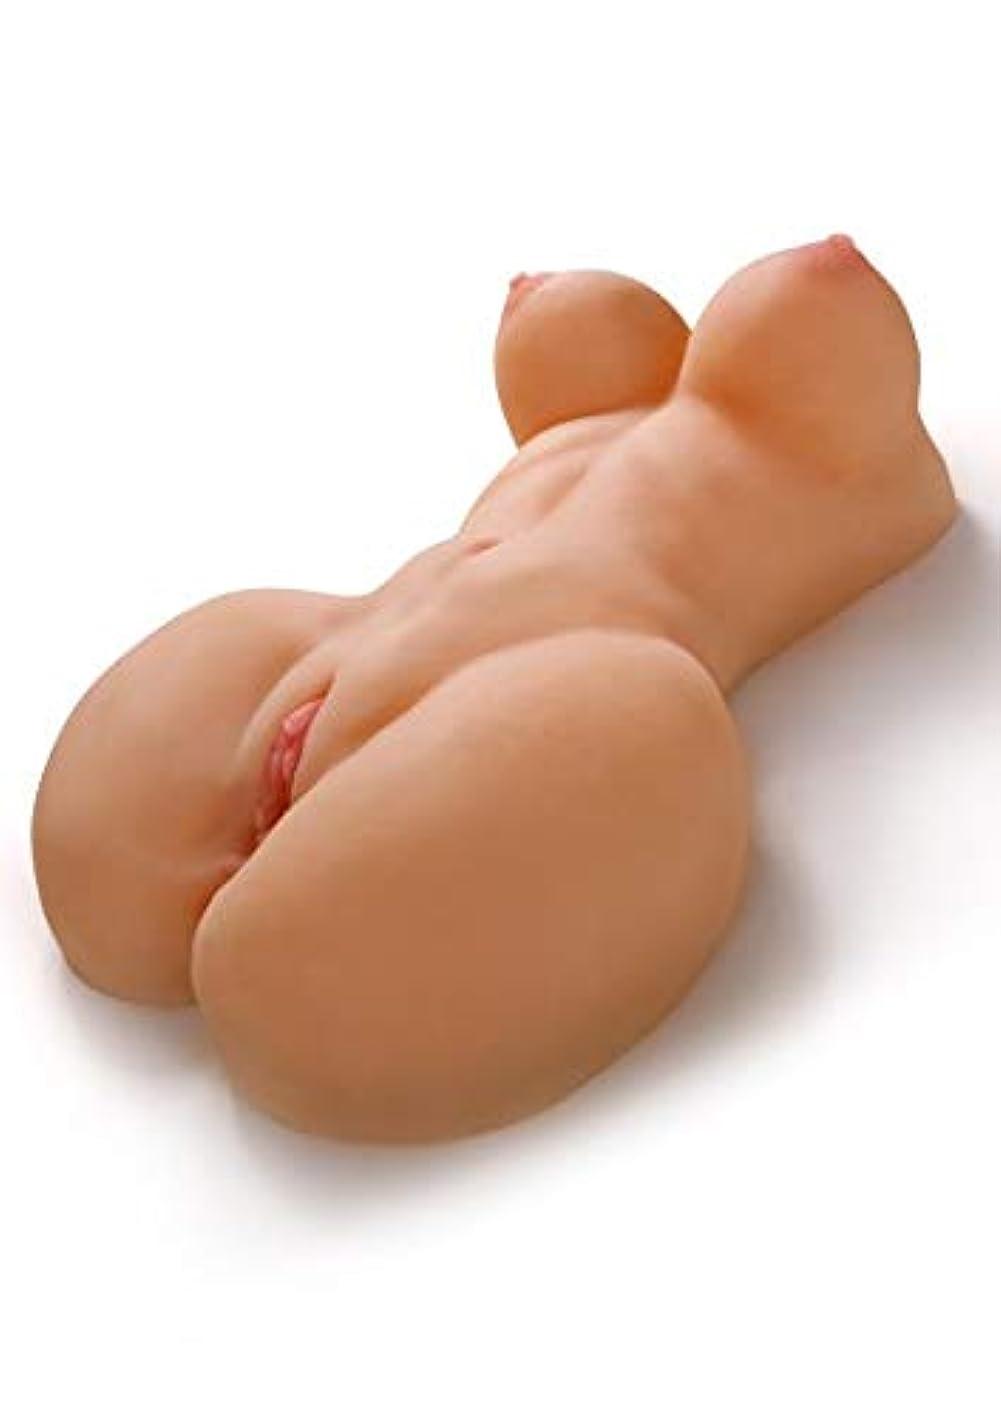 断片酸素余分なMini Liquid Love Warming Massage Lotion Passion Fruit 1.25oz by Pipedream Products